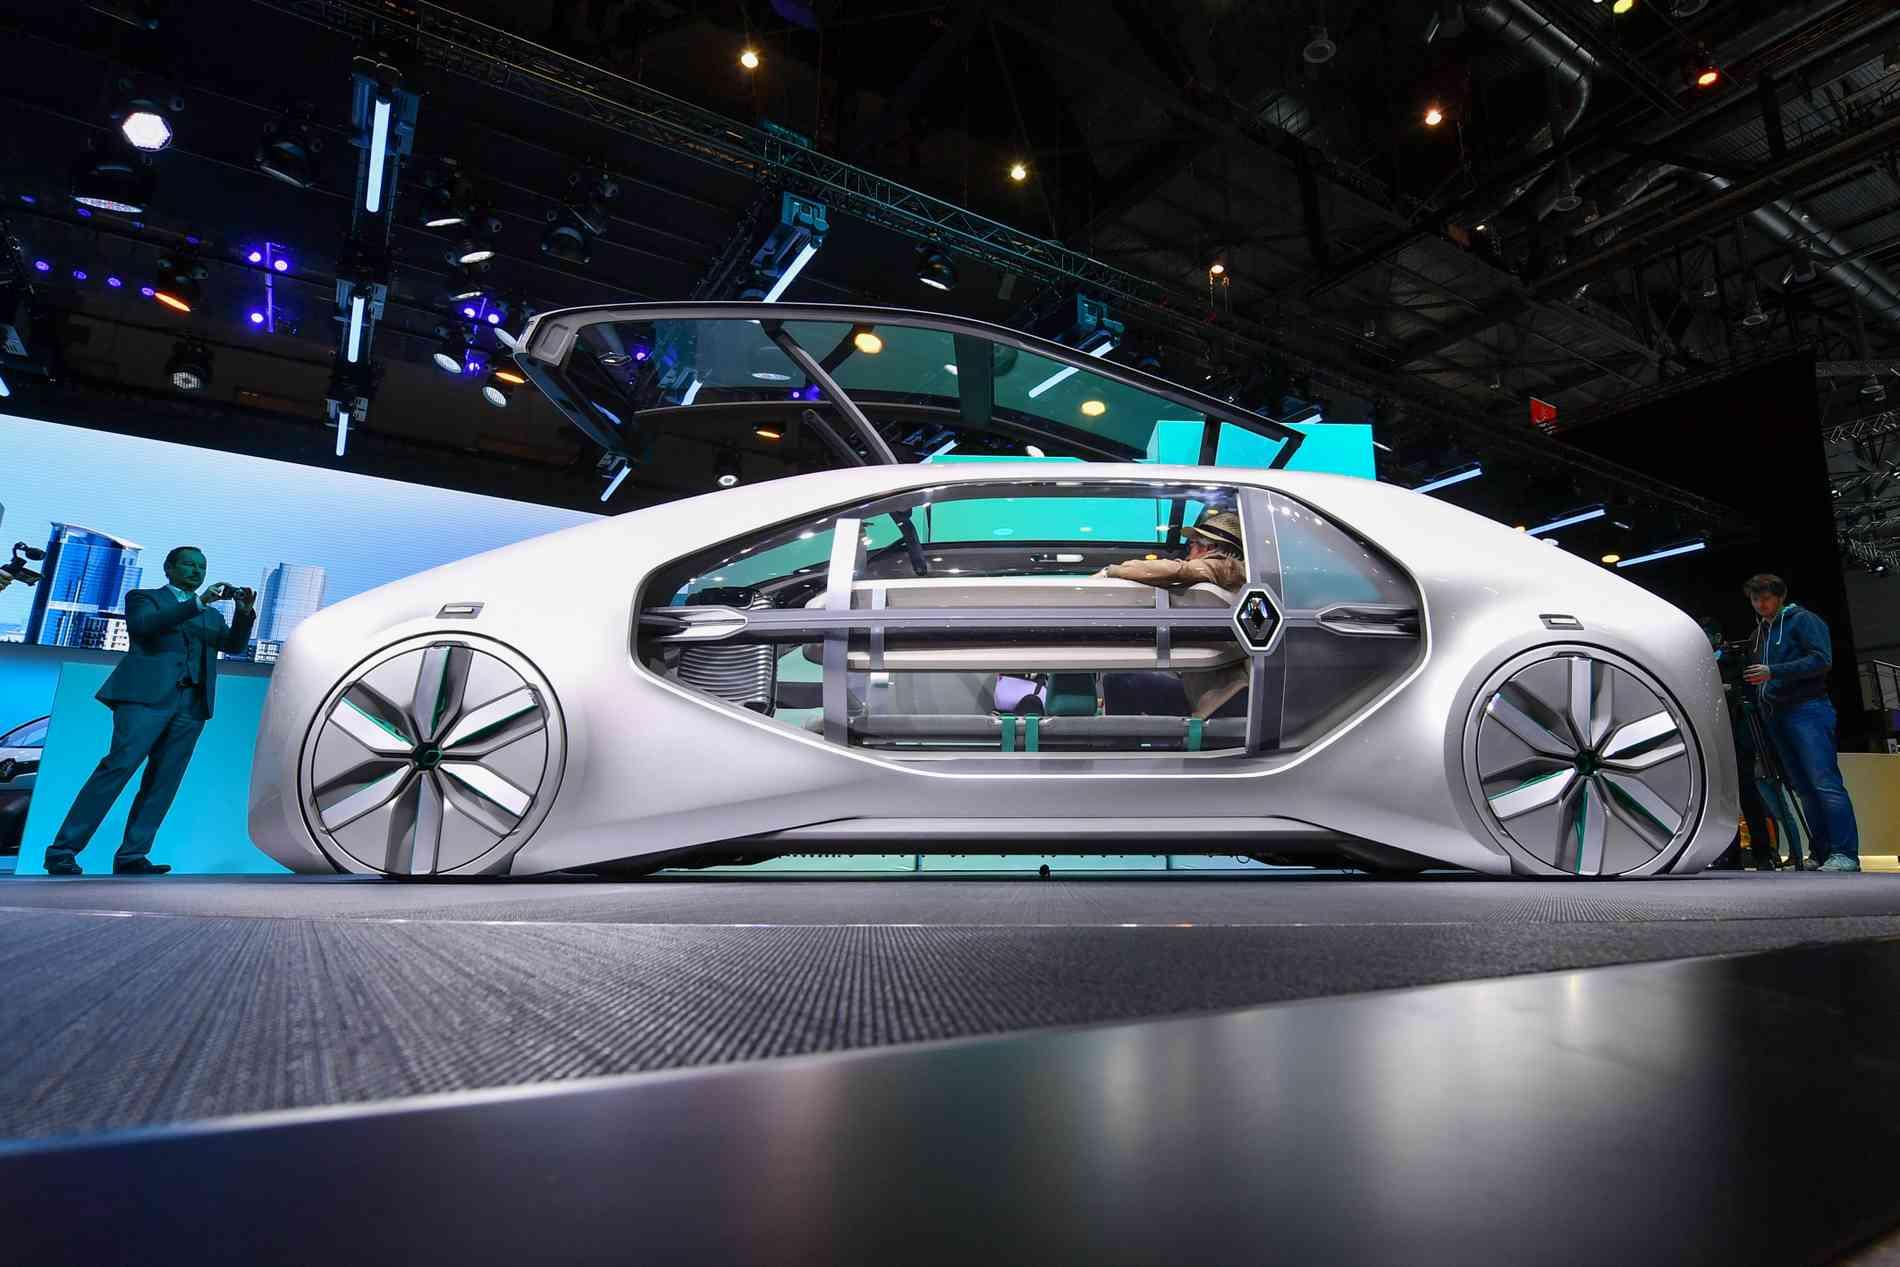 Protótipo da Renault apresentado no Salão de Genebra  - FABRICE COFFRINI